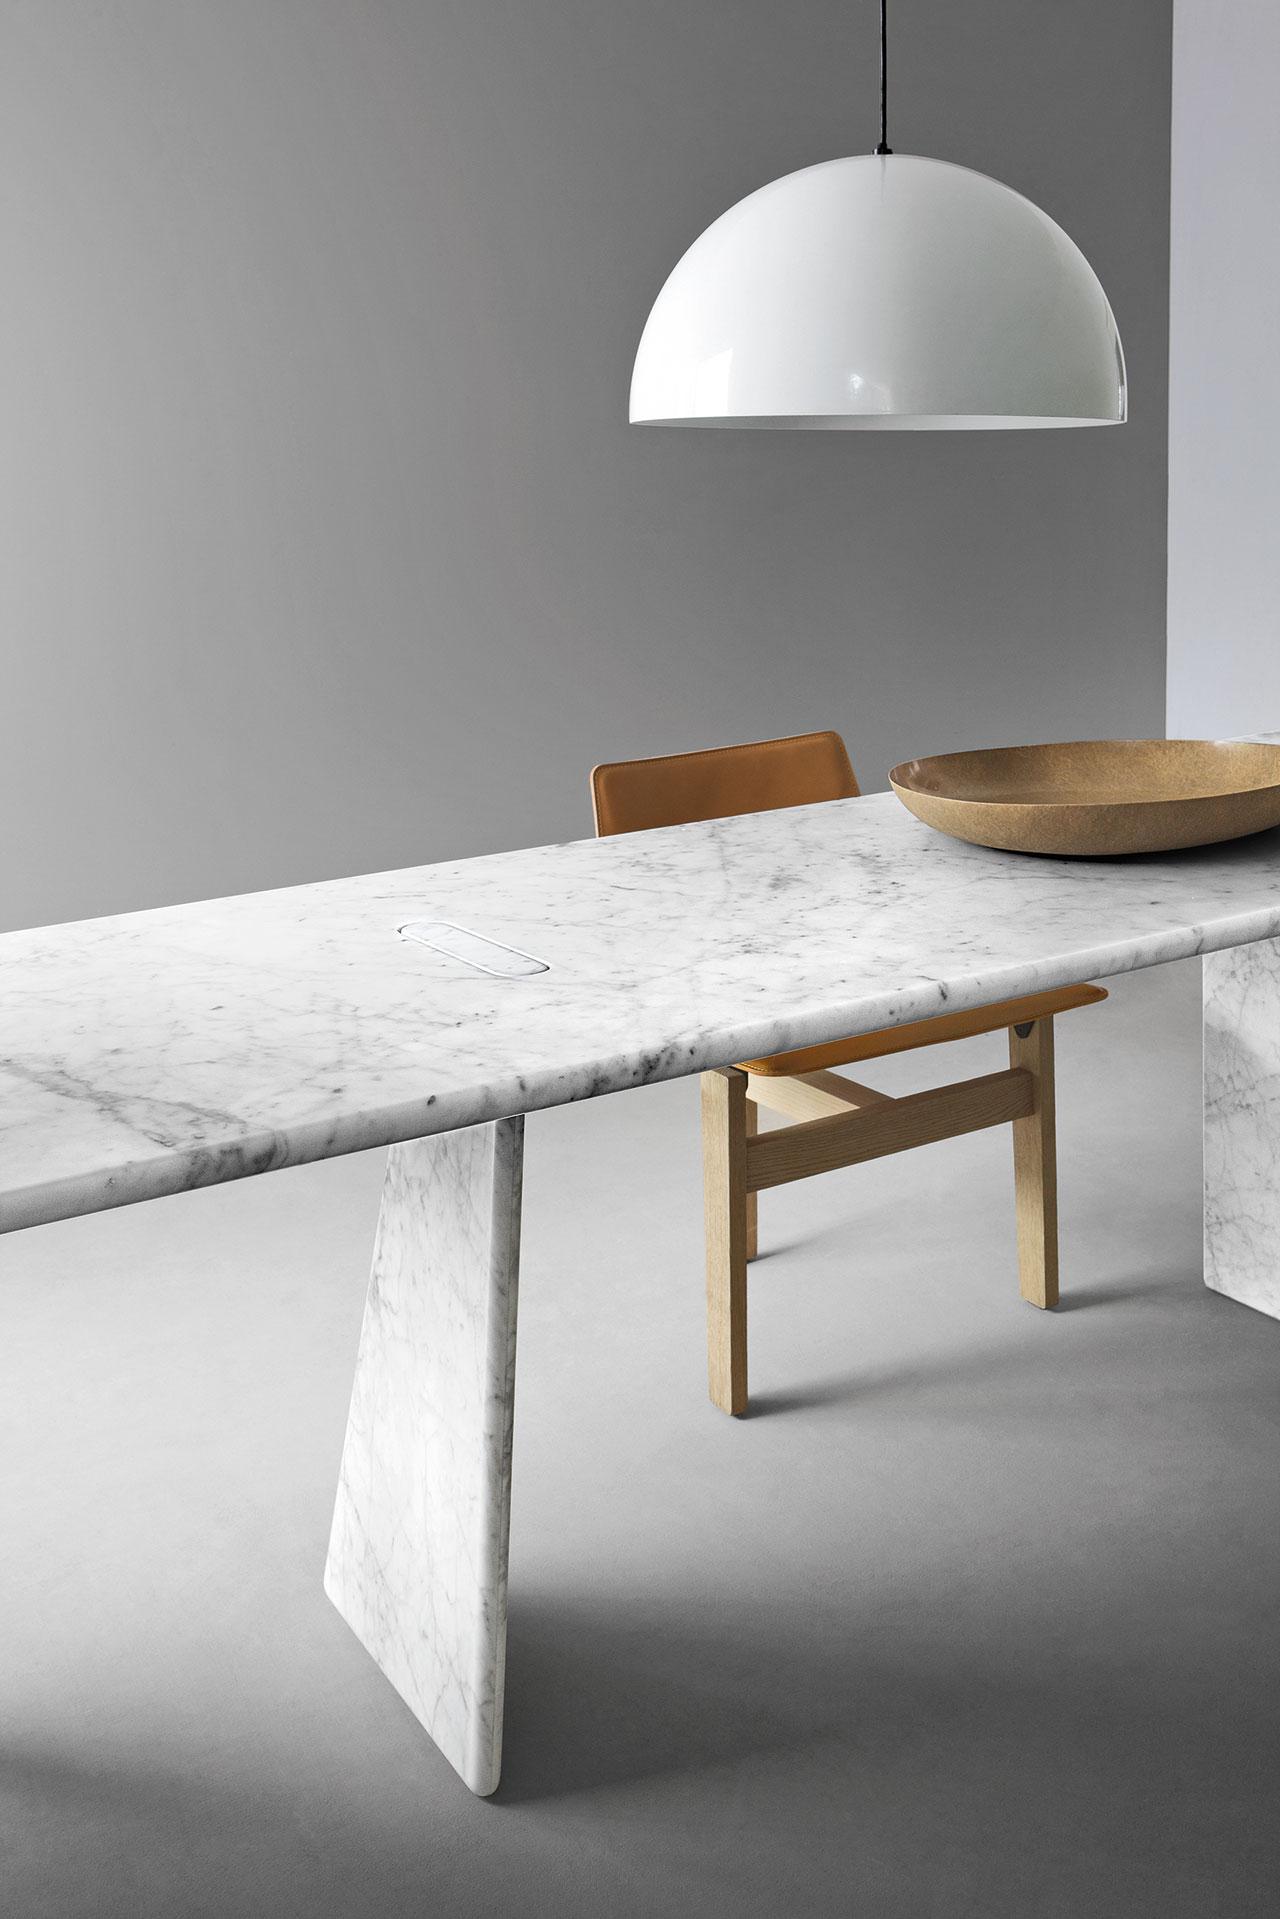 Asolo table, The Mangiarotti Collection, Agapecasa© Agape